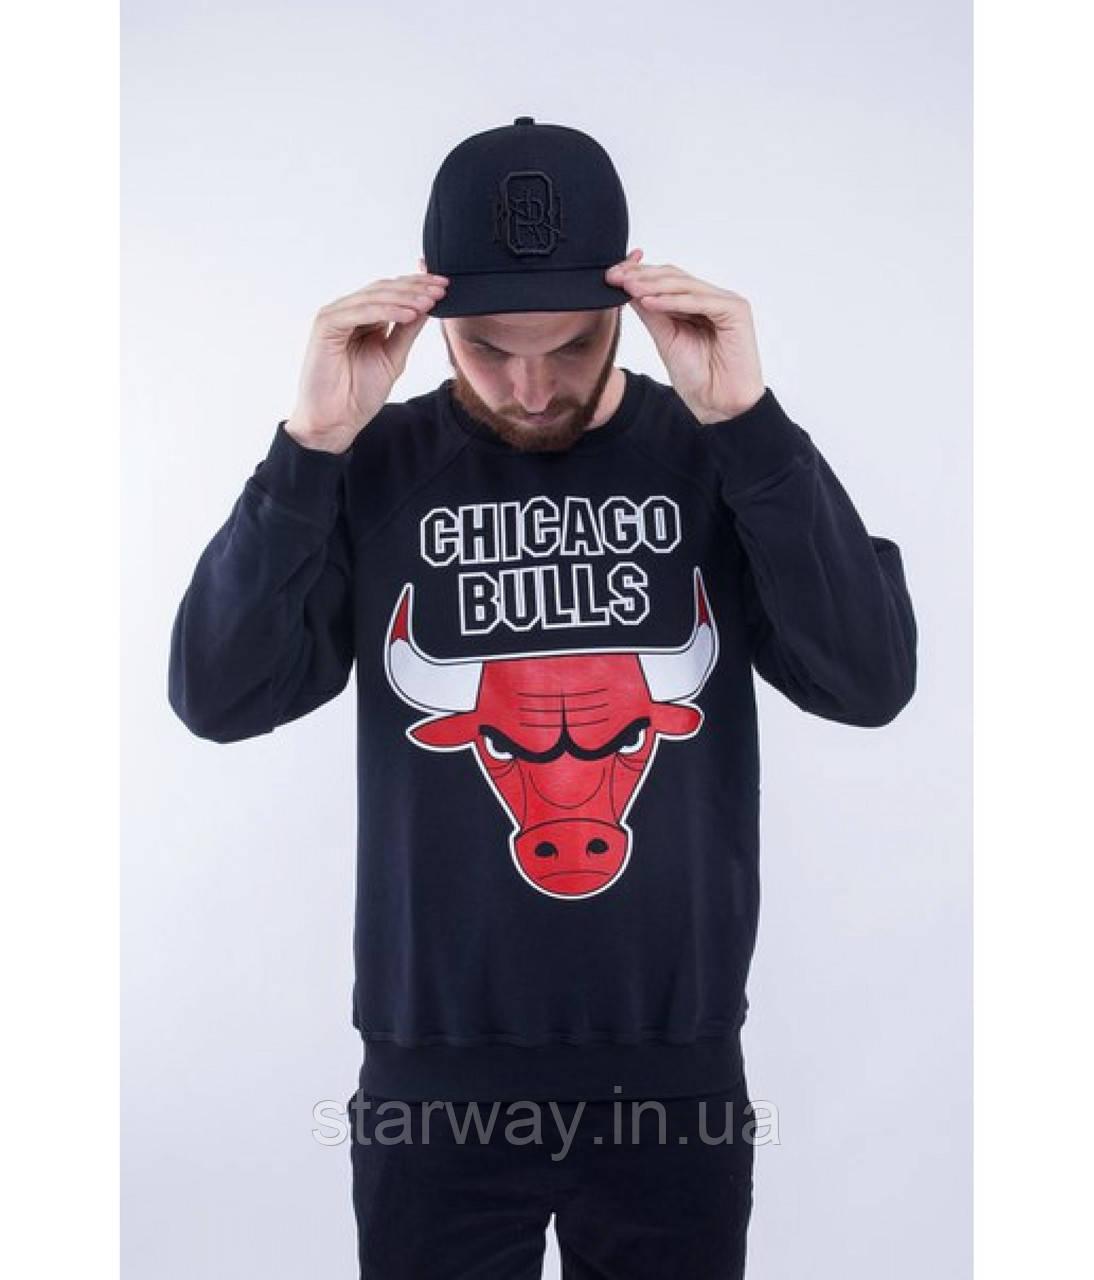 Свитшот темно-синий Chicago Bulls logo | Кофта стильная